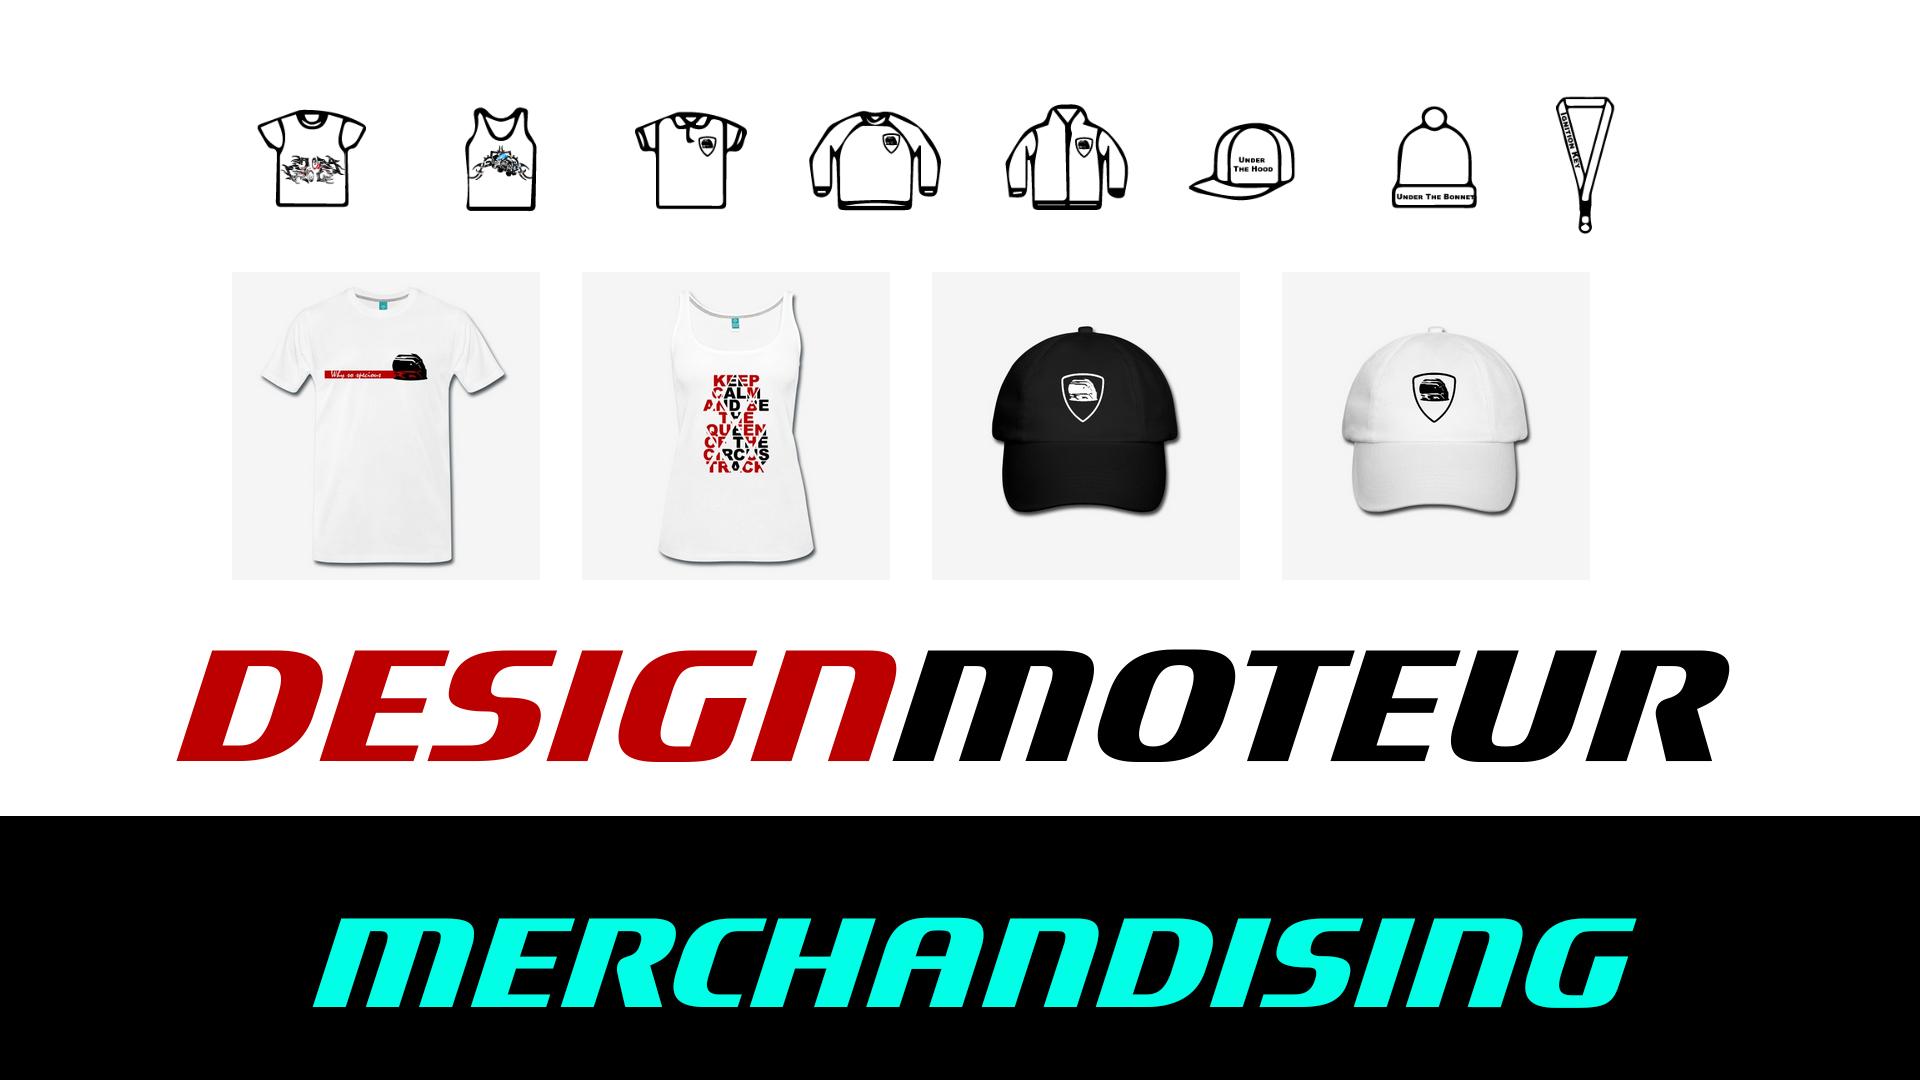 banniere designmoteur merchandising